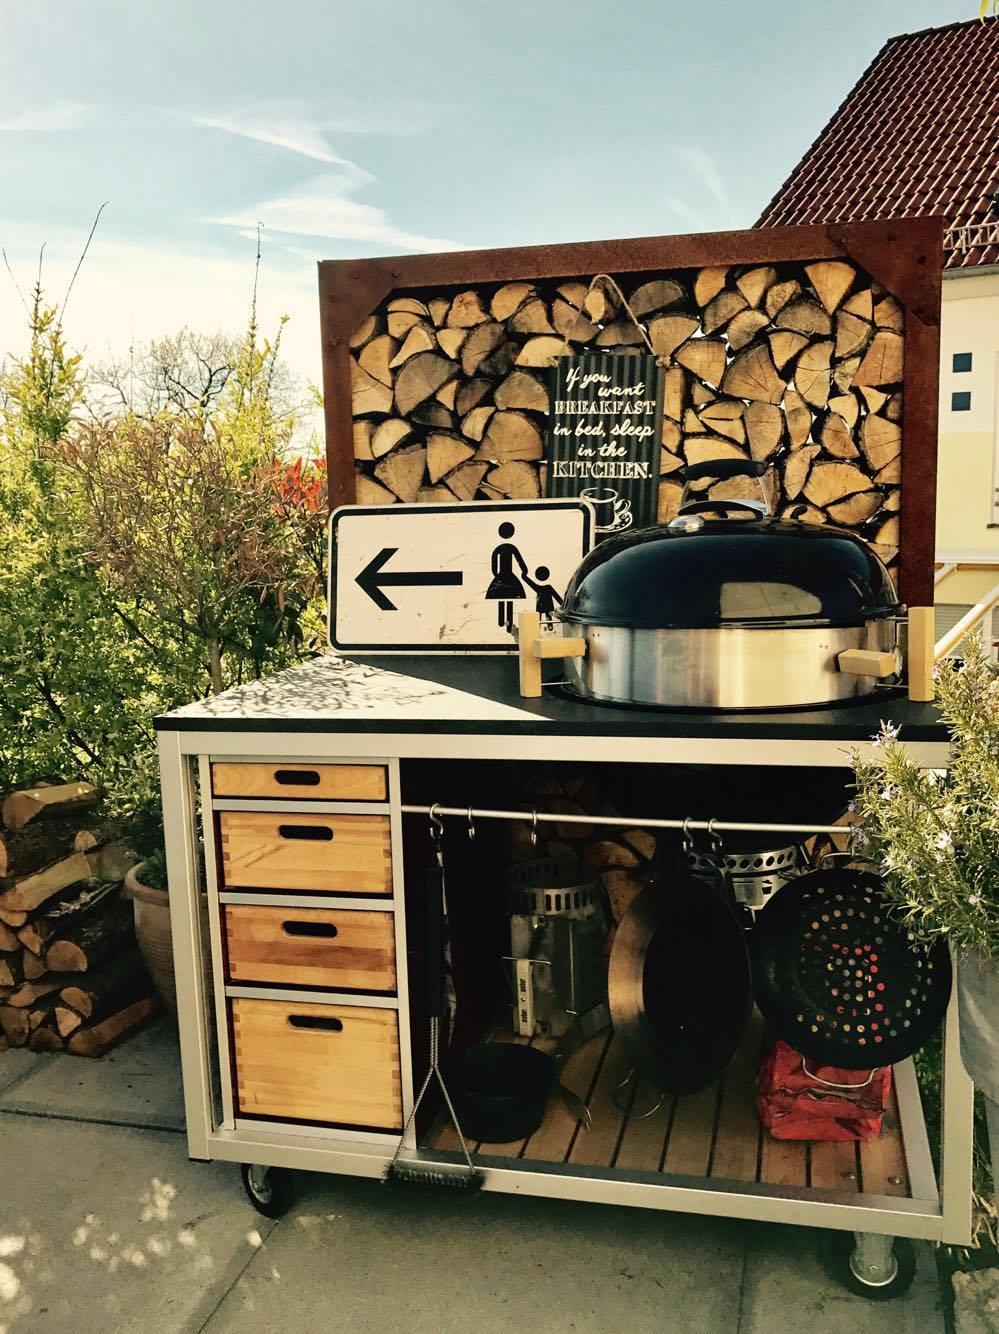 Full Size of Amerikanische Outdoor Küchen Grillmodule Outdoorkche Gartenkche Proks Regal Küche Kaufen Amerikanisches Bett Edelstahl Betten Wohnzimmer Amerikanische Outdoor Küchen